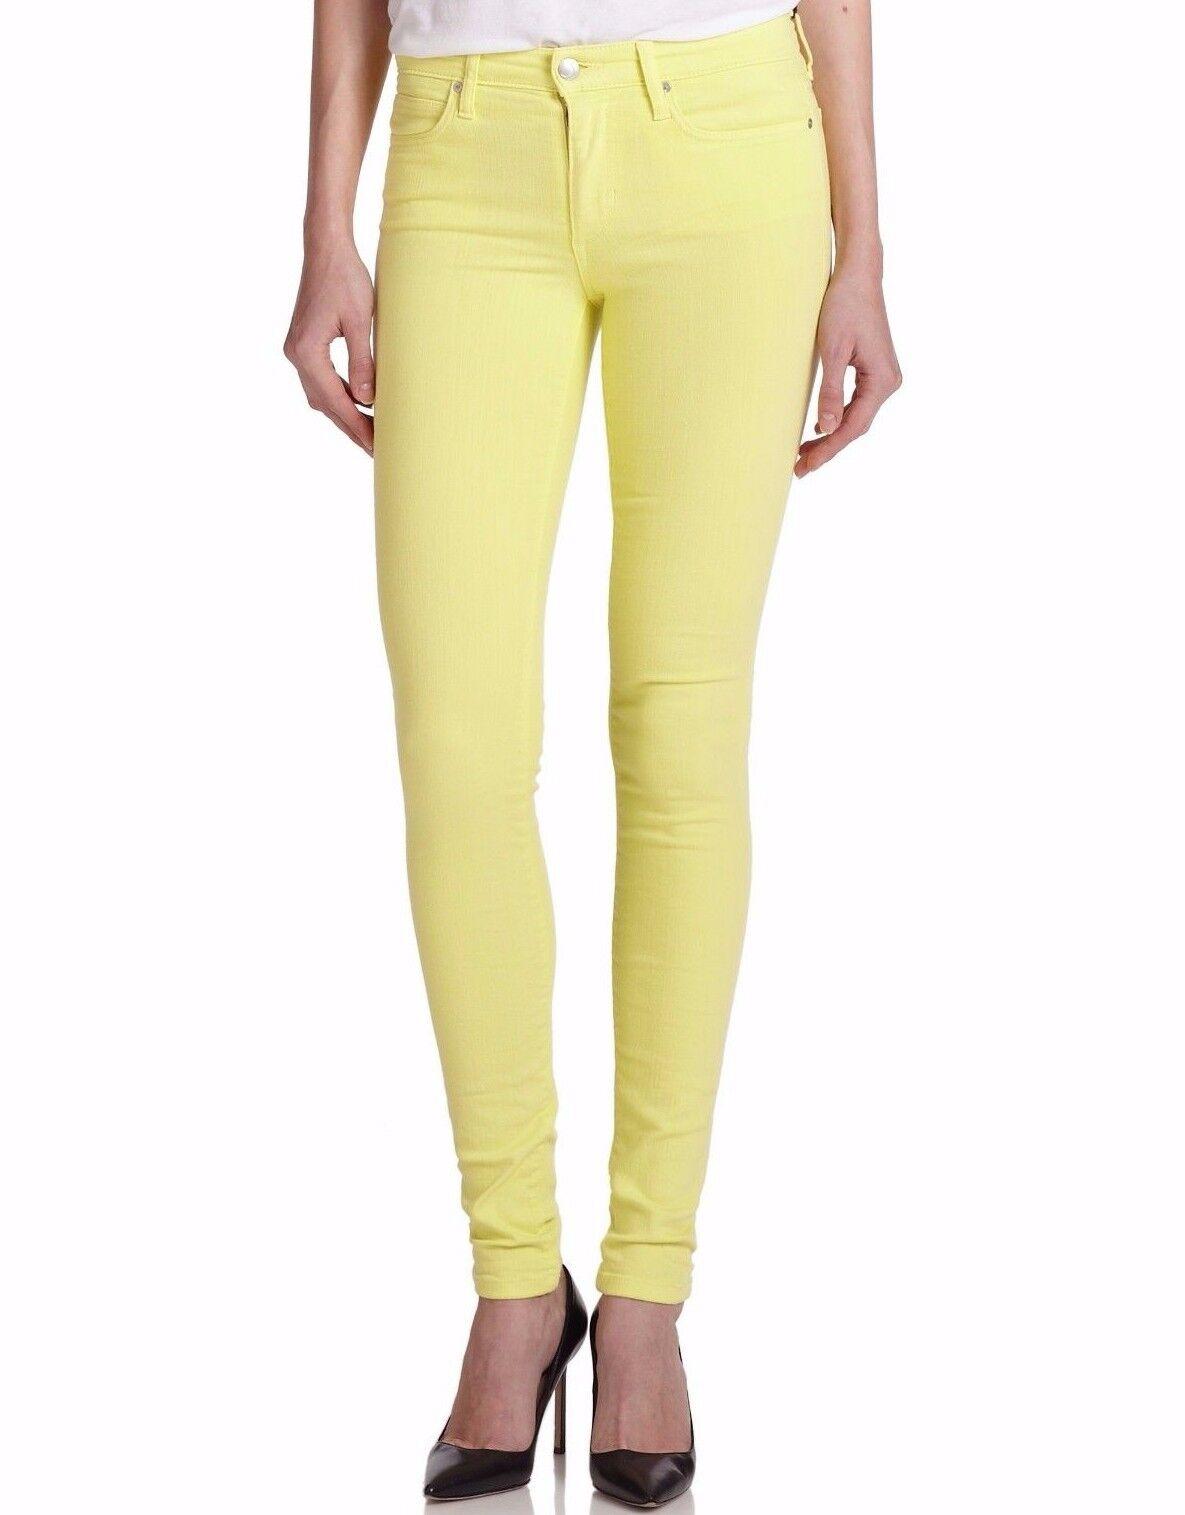 Nwt JOE´S Sz27 'Flawless' Skinny Midrise Jeans Stretch Zitrone